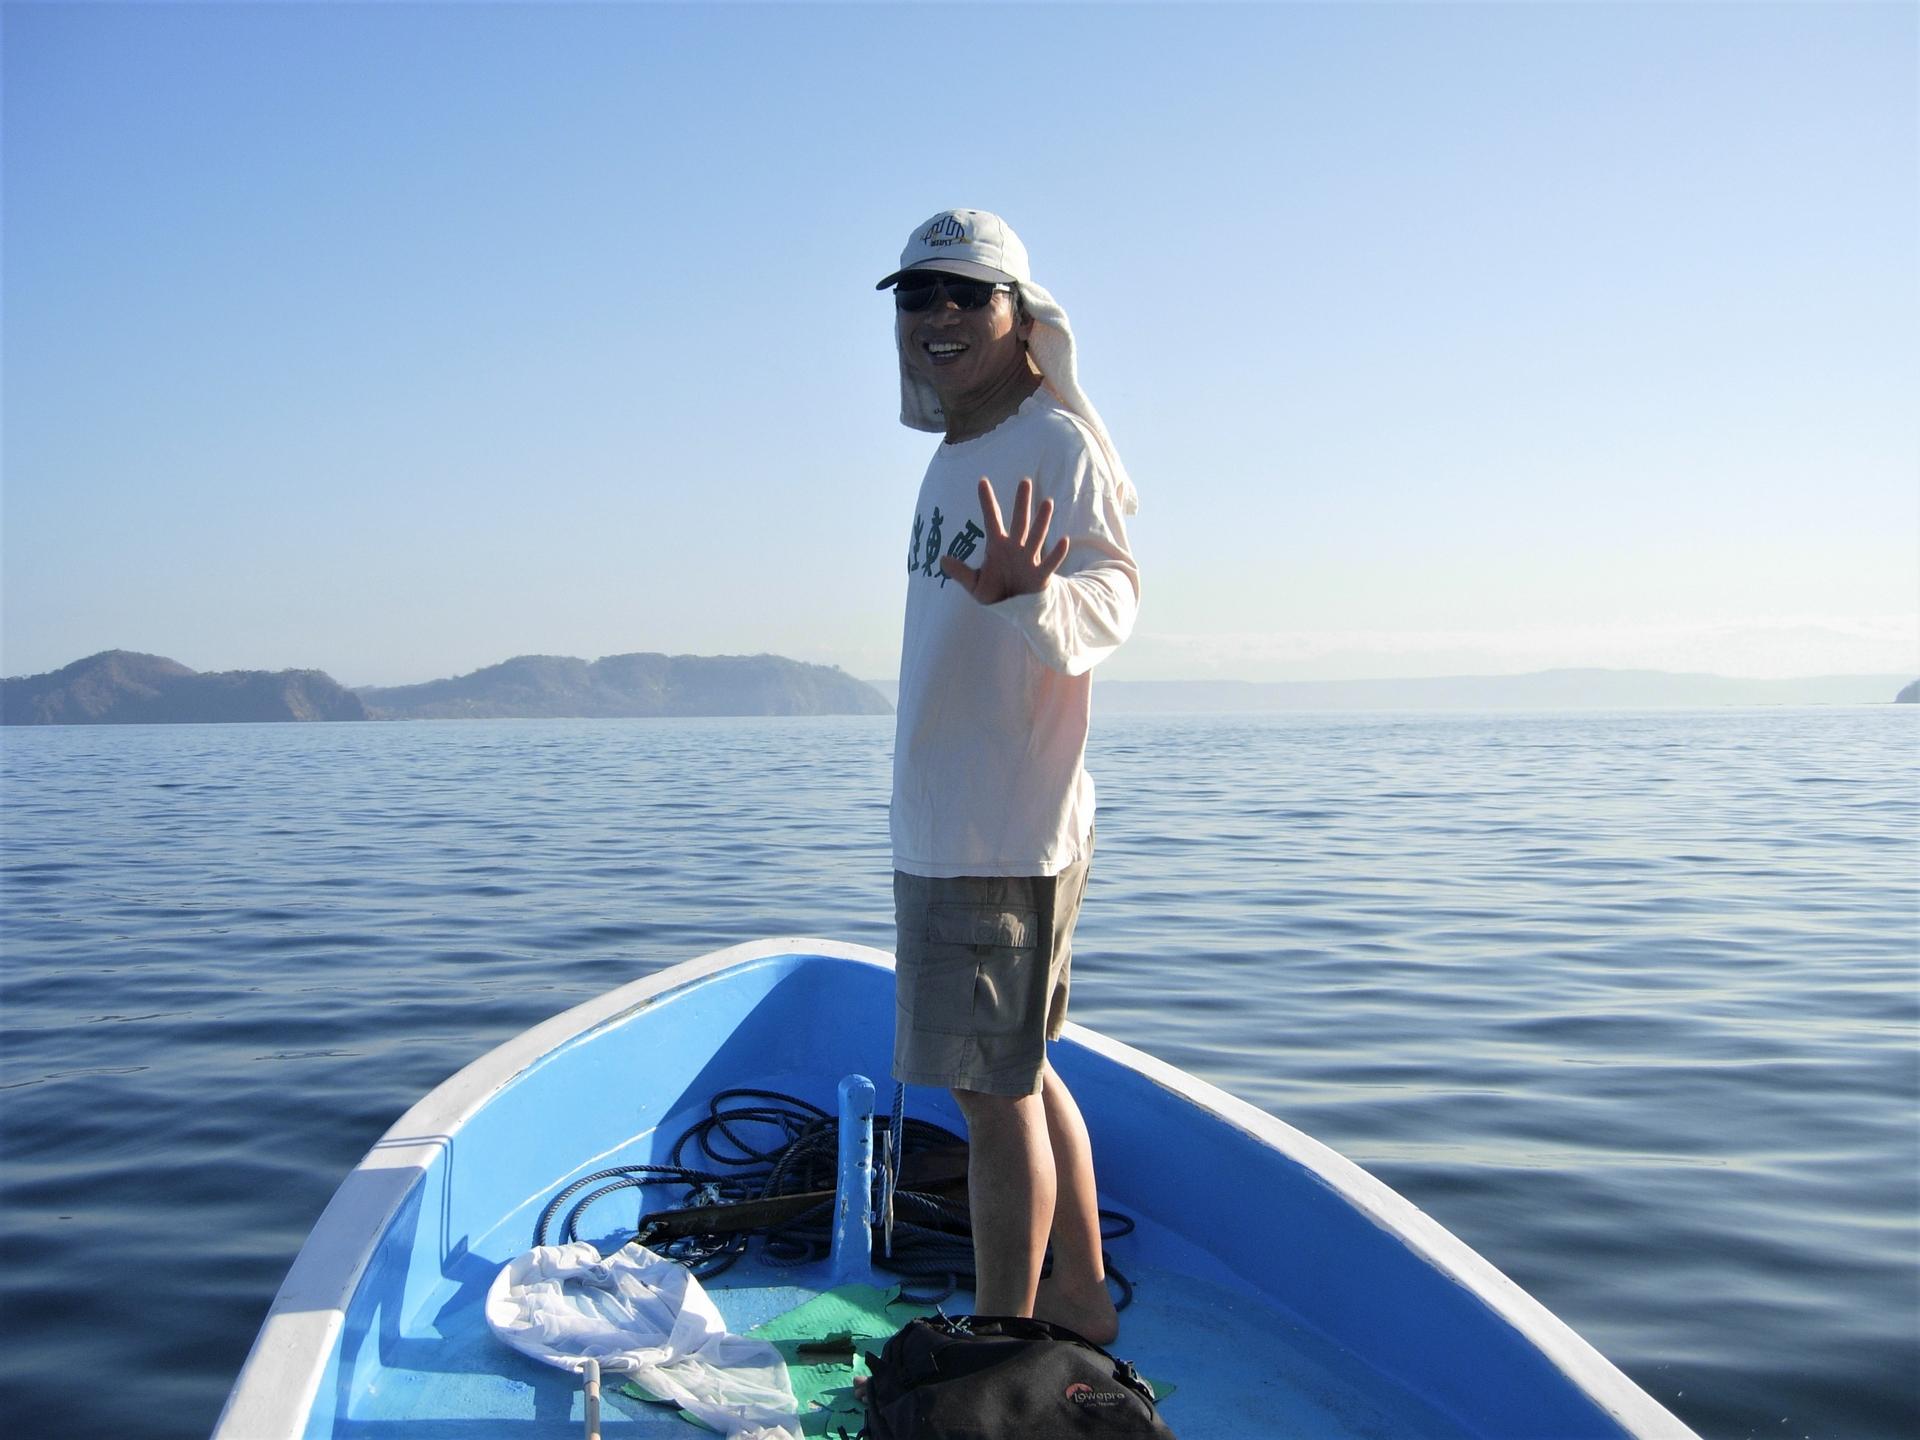 雇船在海上搜尋是找到黑背海蛇的最好方法。照片提供:杜銘章